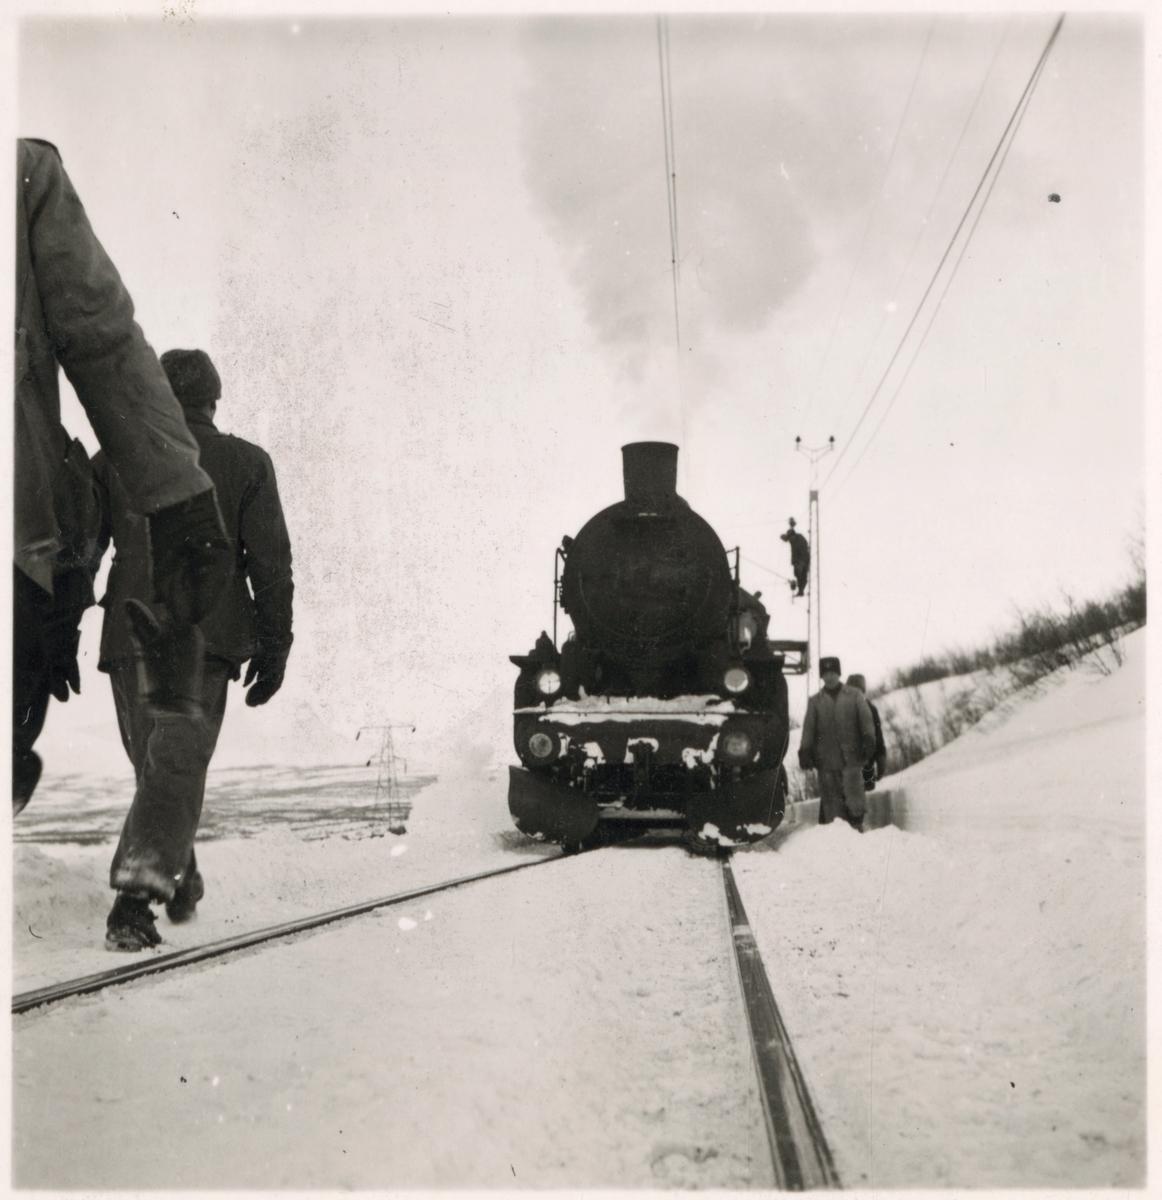 Reparation av kontaktledning på järnvägslinje efter snöskred.